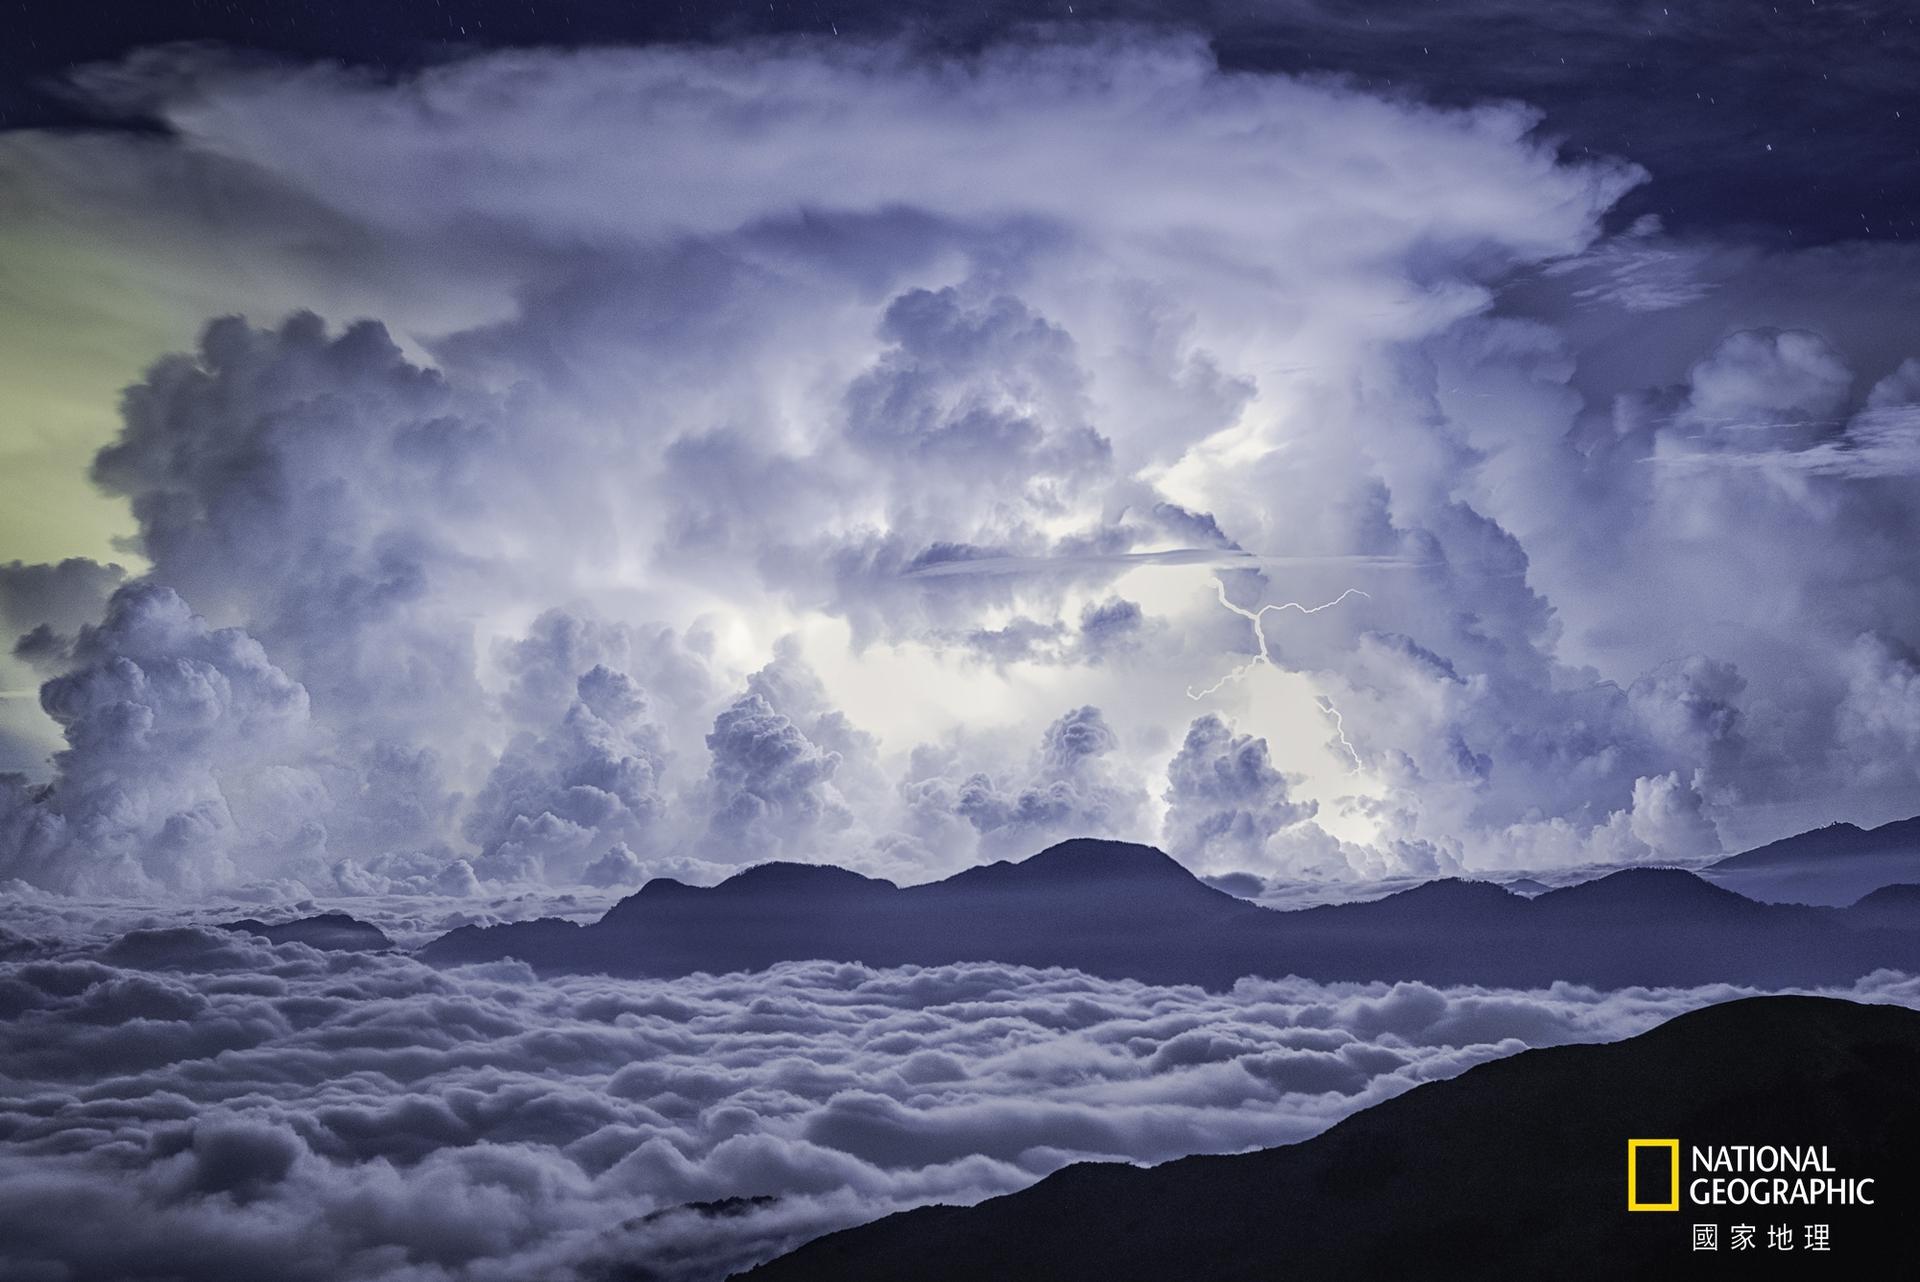 自然組冠軍:通往雲層入口 (攝影:陳朝宇)。三千三百公尺的高頂上,這天頻繁閃劃寧靜黑夜,在夾層雲中點燃通往白的空間,如果漂浮能實現也想親身體驗。